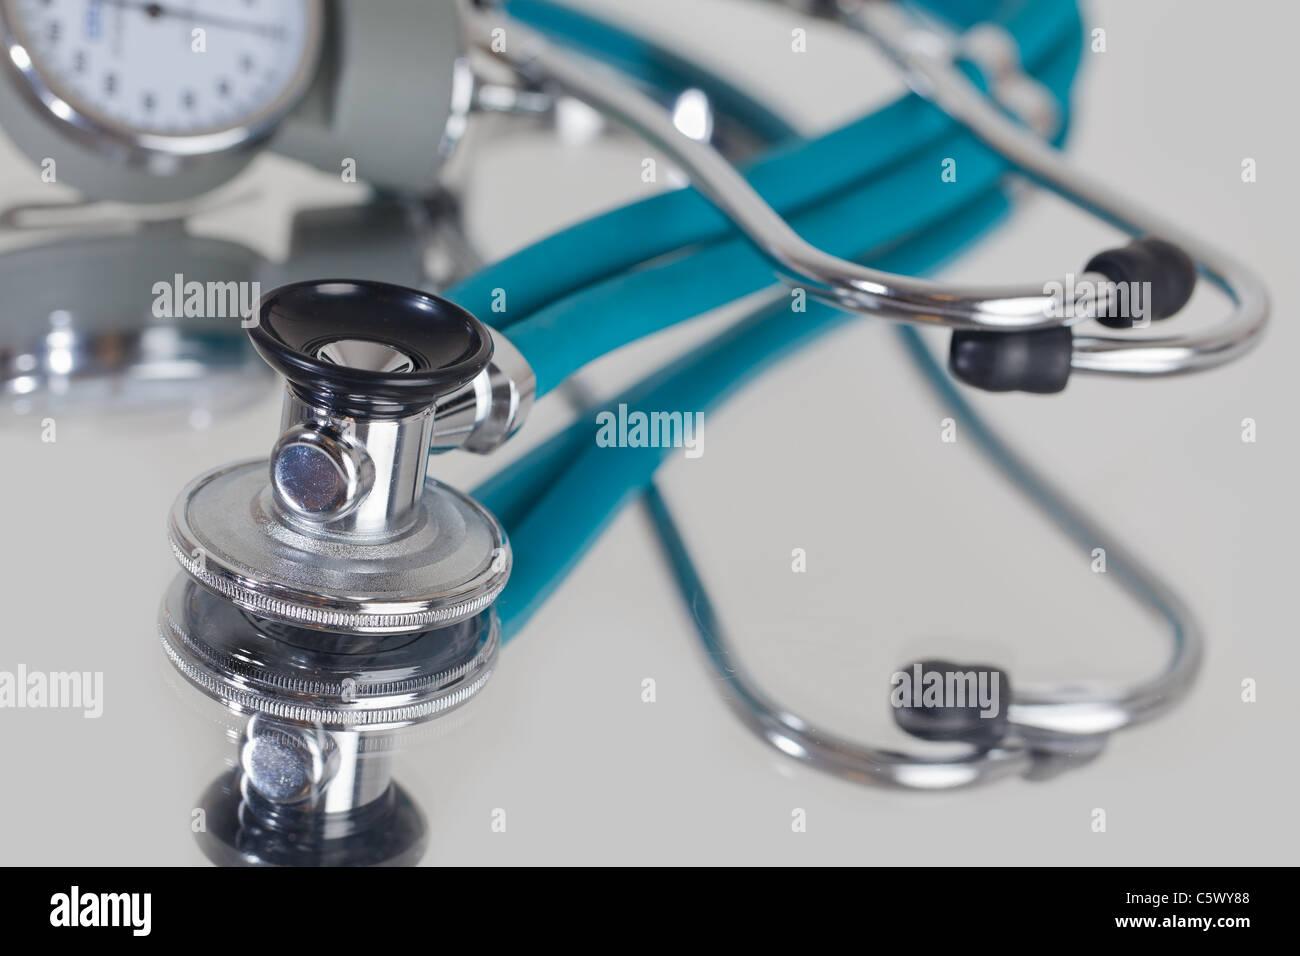 Stethoscope on Blue Reflective surface - Stock Image